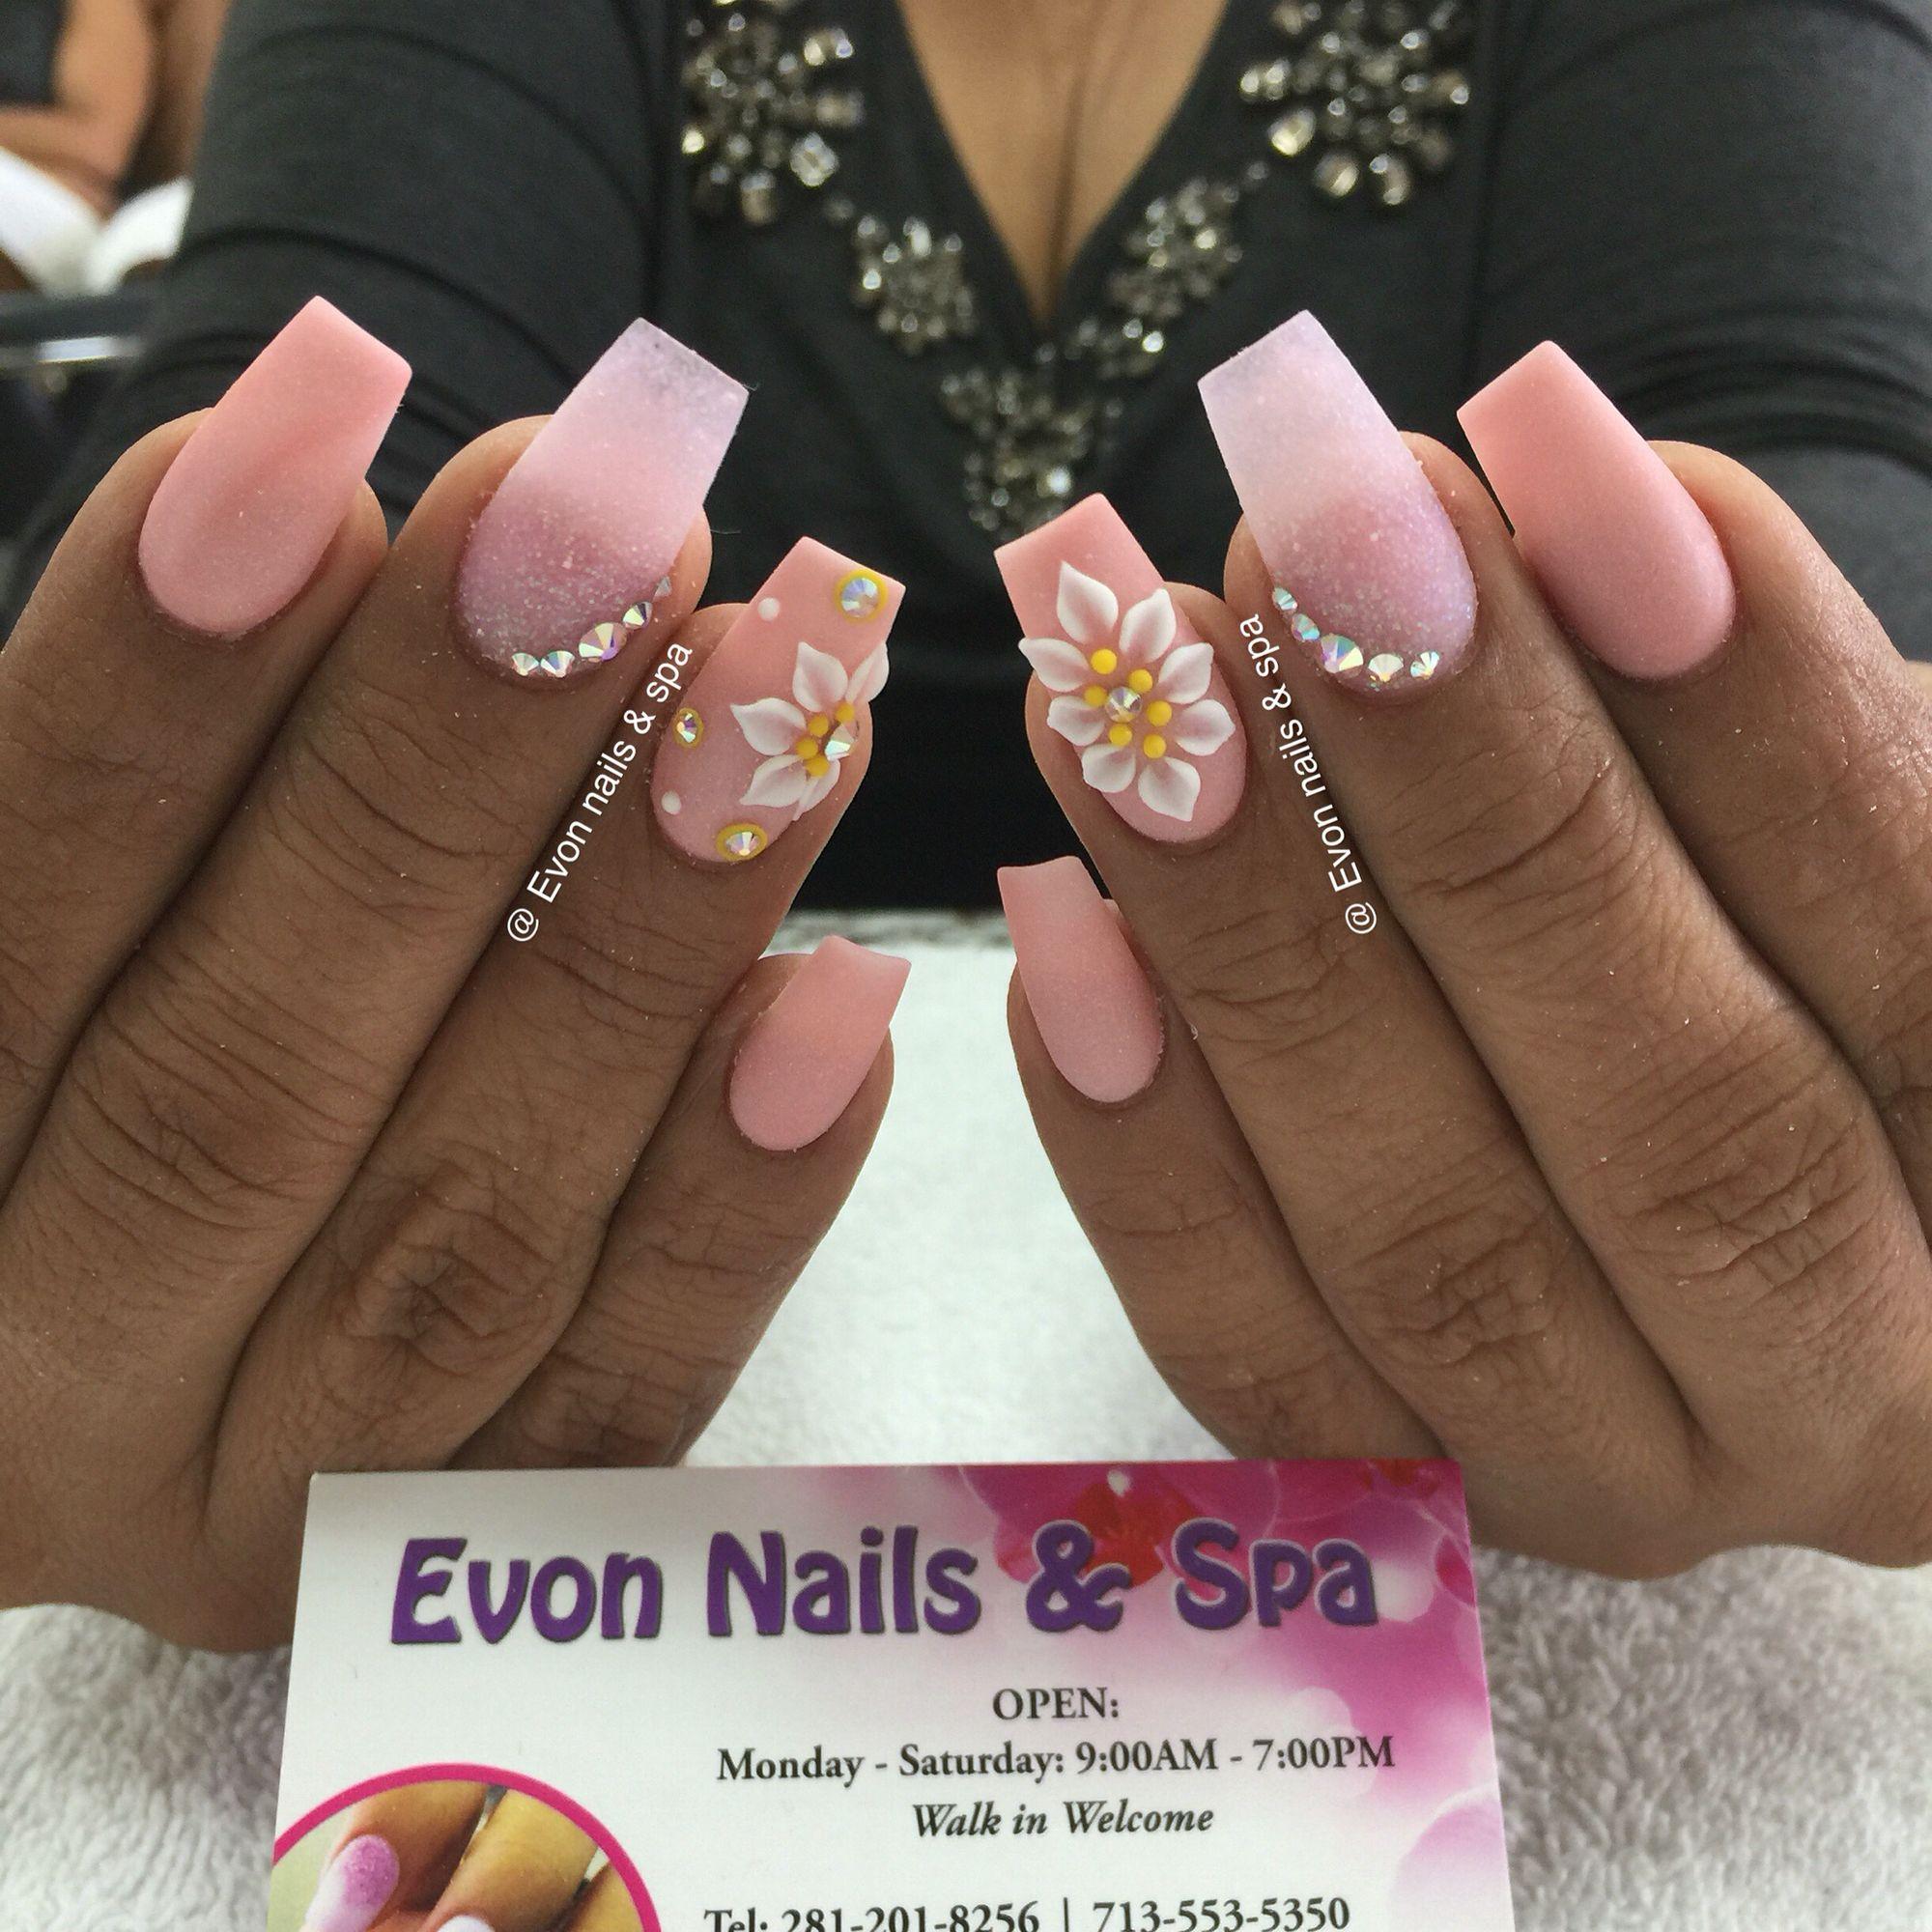 Pin By Evon Nails Spa On Evon Nails Spa Acrylic Nails Nail Spa Cute Nails